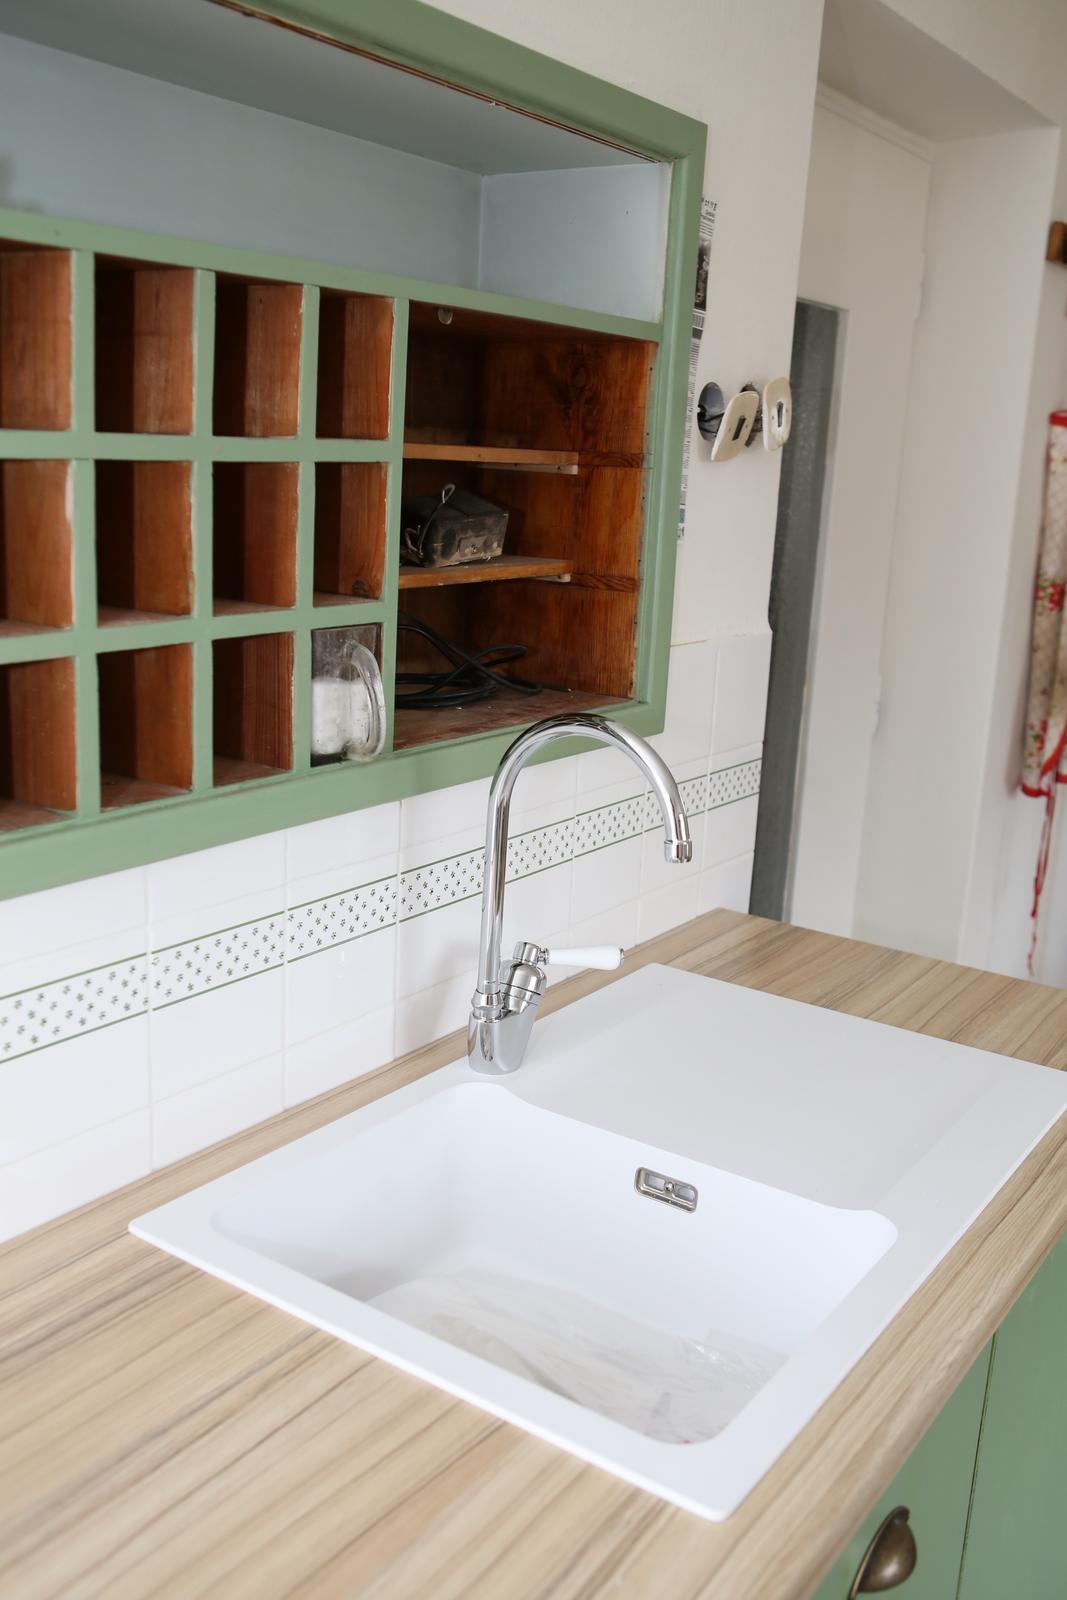 Modernizujeme kuchyňku - musí předělat dvířka ke kořence